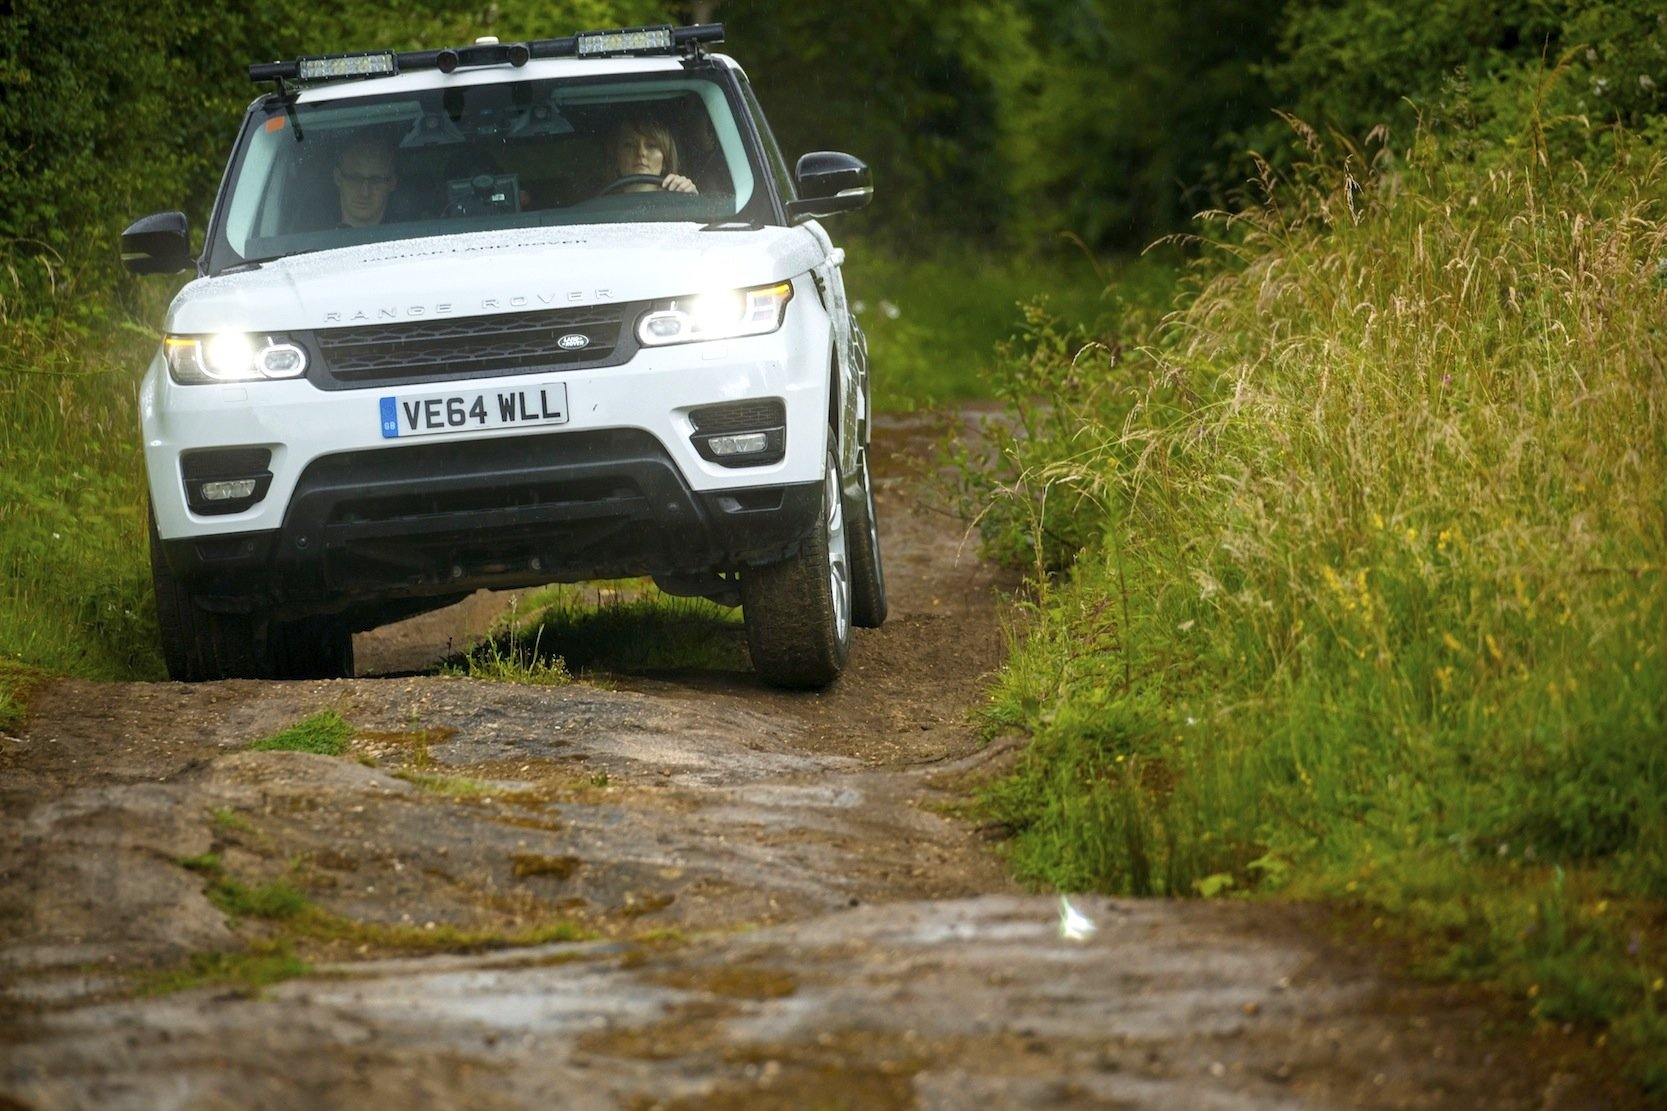 Eine Stereokamera überwacht den Luftraum über dem Range Rover. So wird der Fahrer gewarnt, wenn ein Ast zu tief hängt.